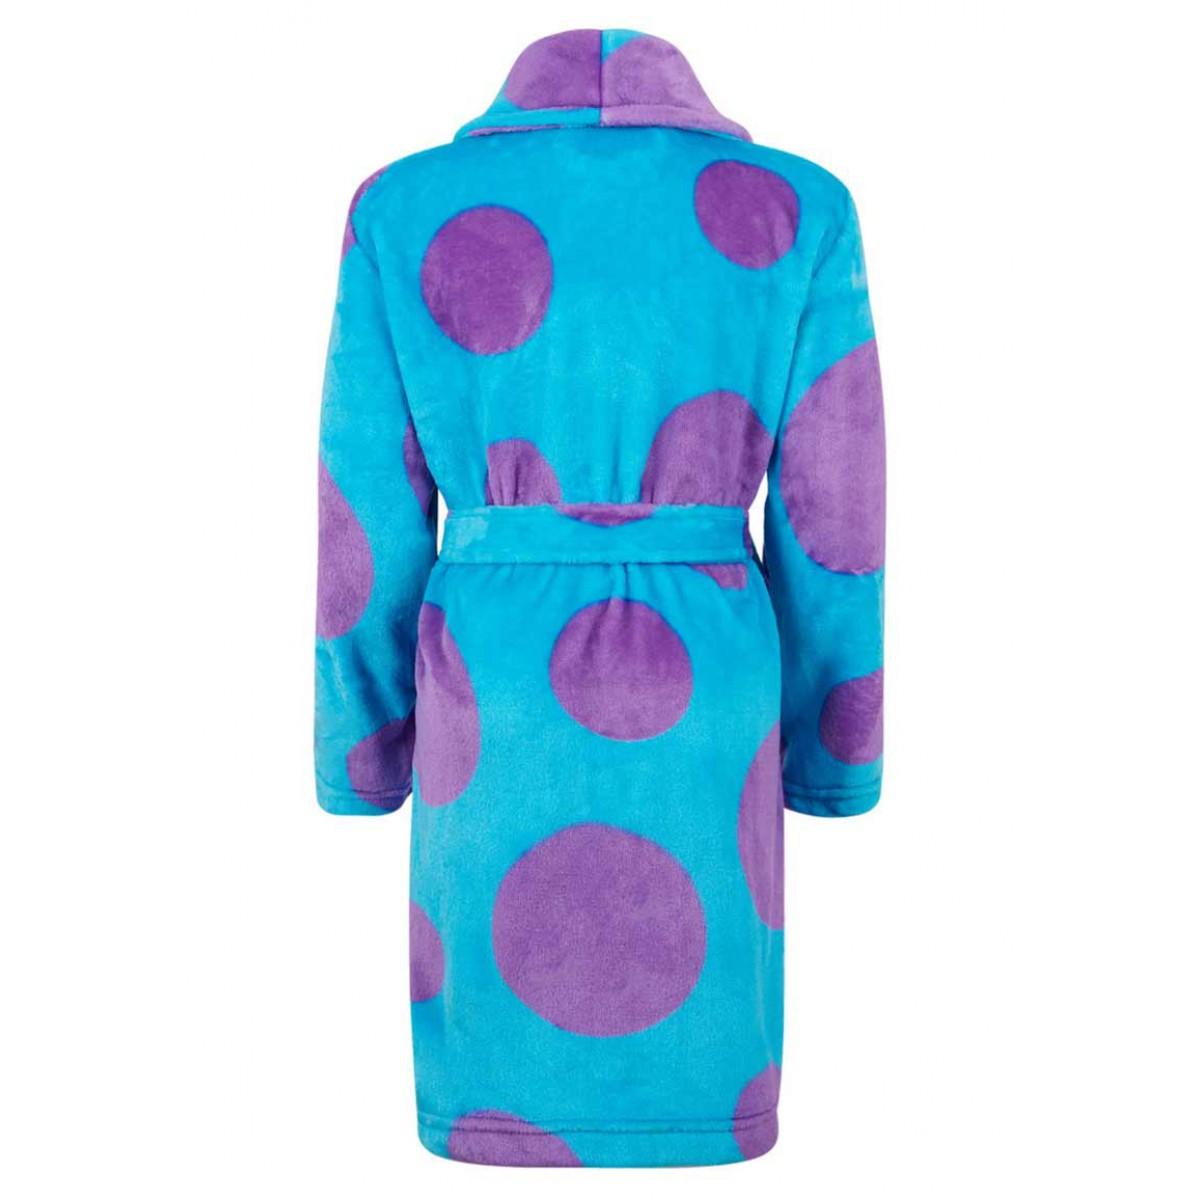 kinderbadjas voor meiden